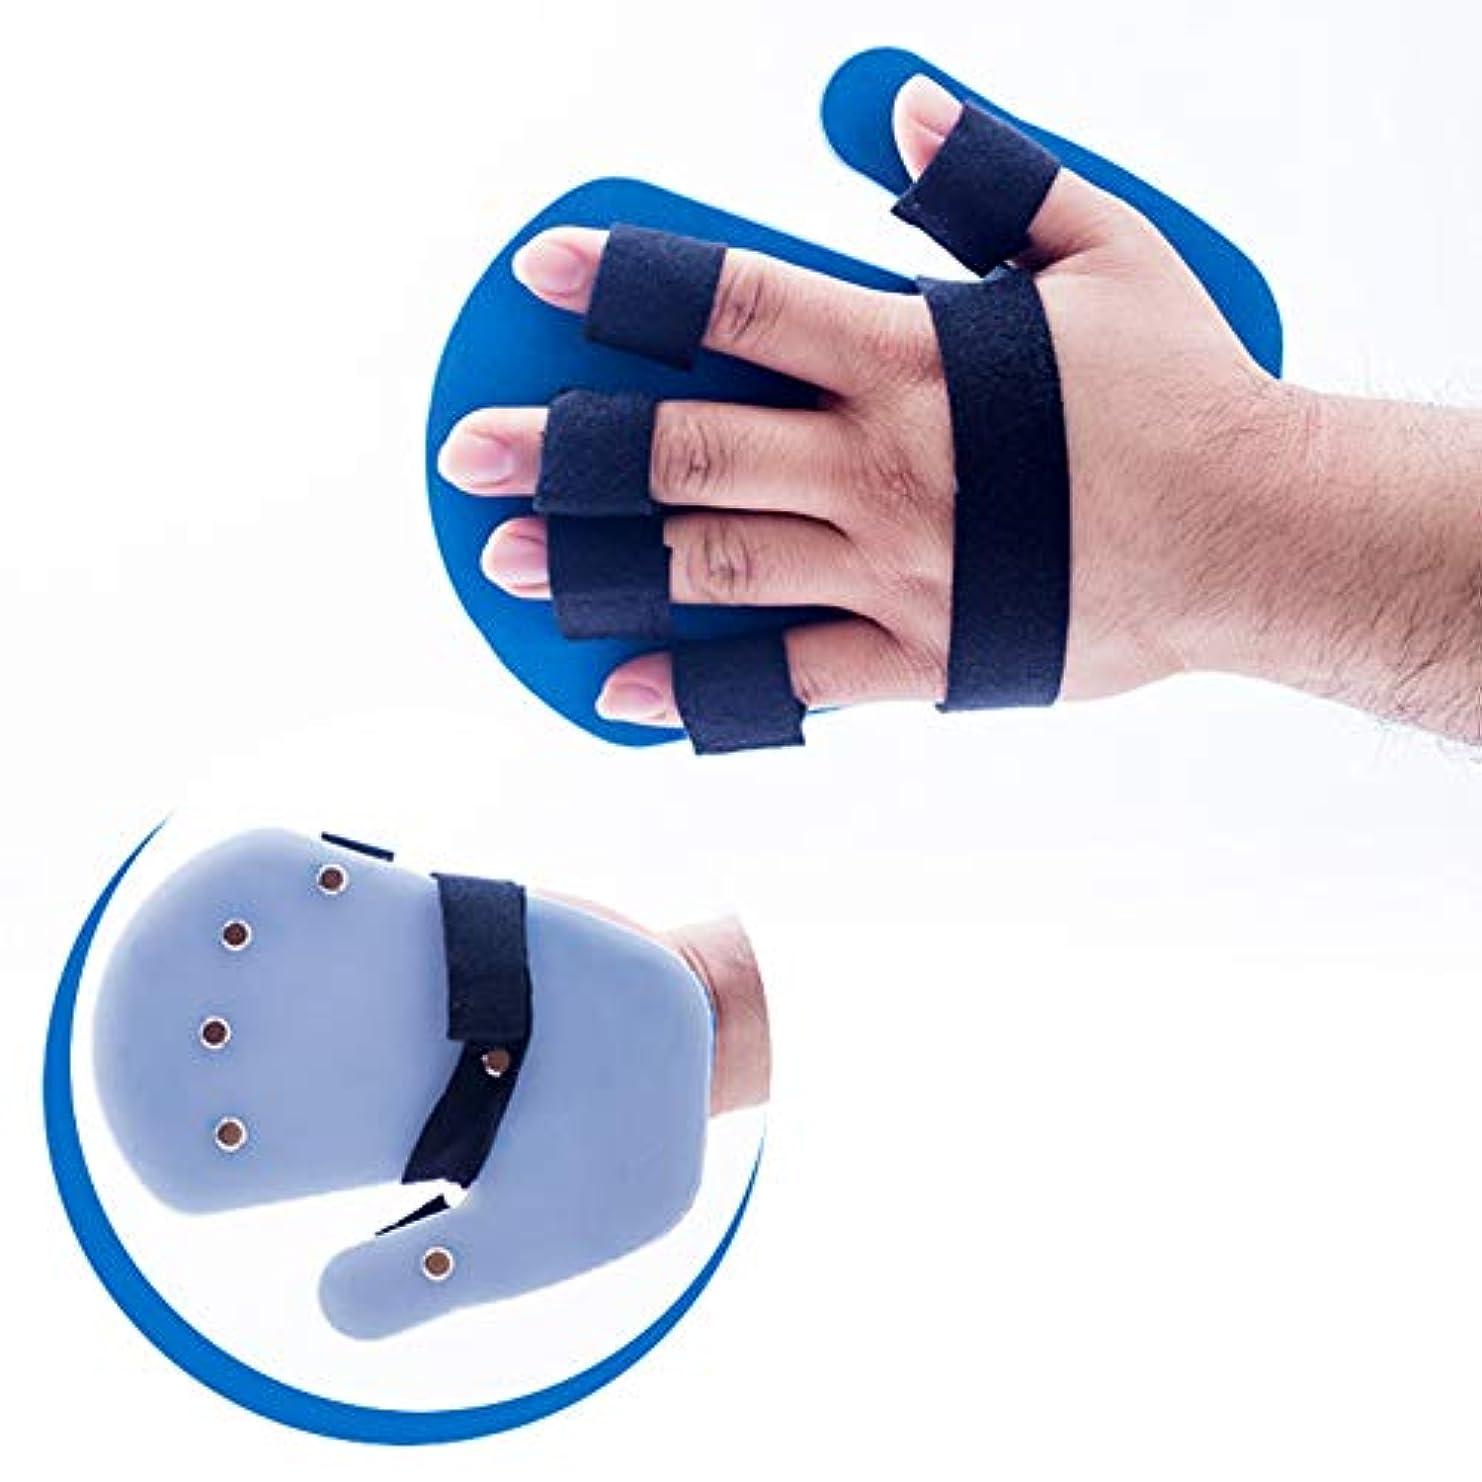 家主種をまく広く指のサポートスプリント親指手首の傷害回復スプリントフィンガーセパレーター手アライナー手根管関節の痛み軽減装具指サポートトレーニングブラケット,righthand